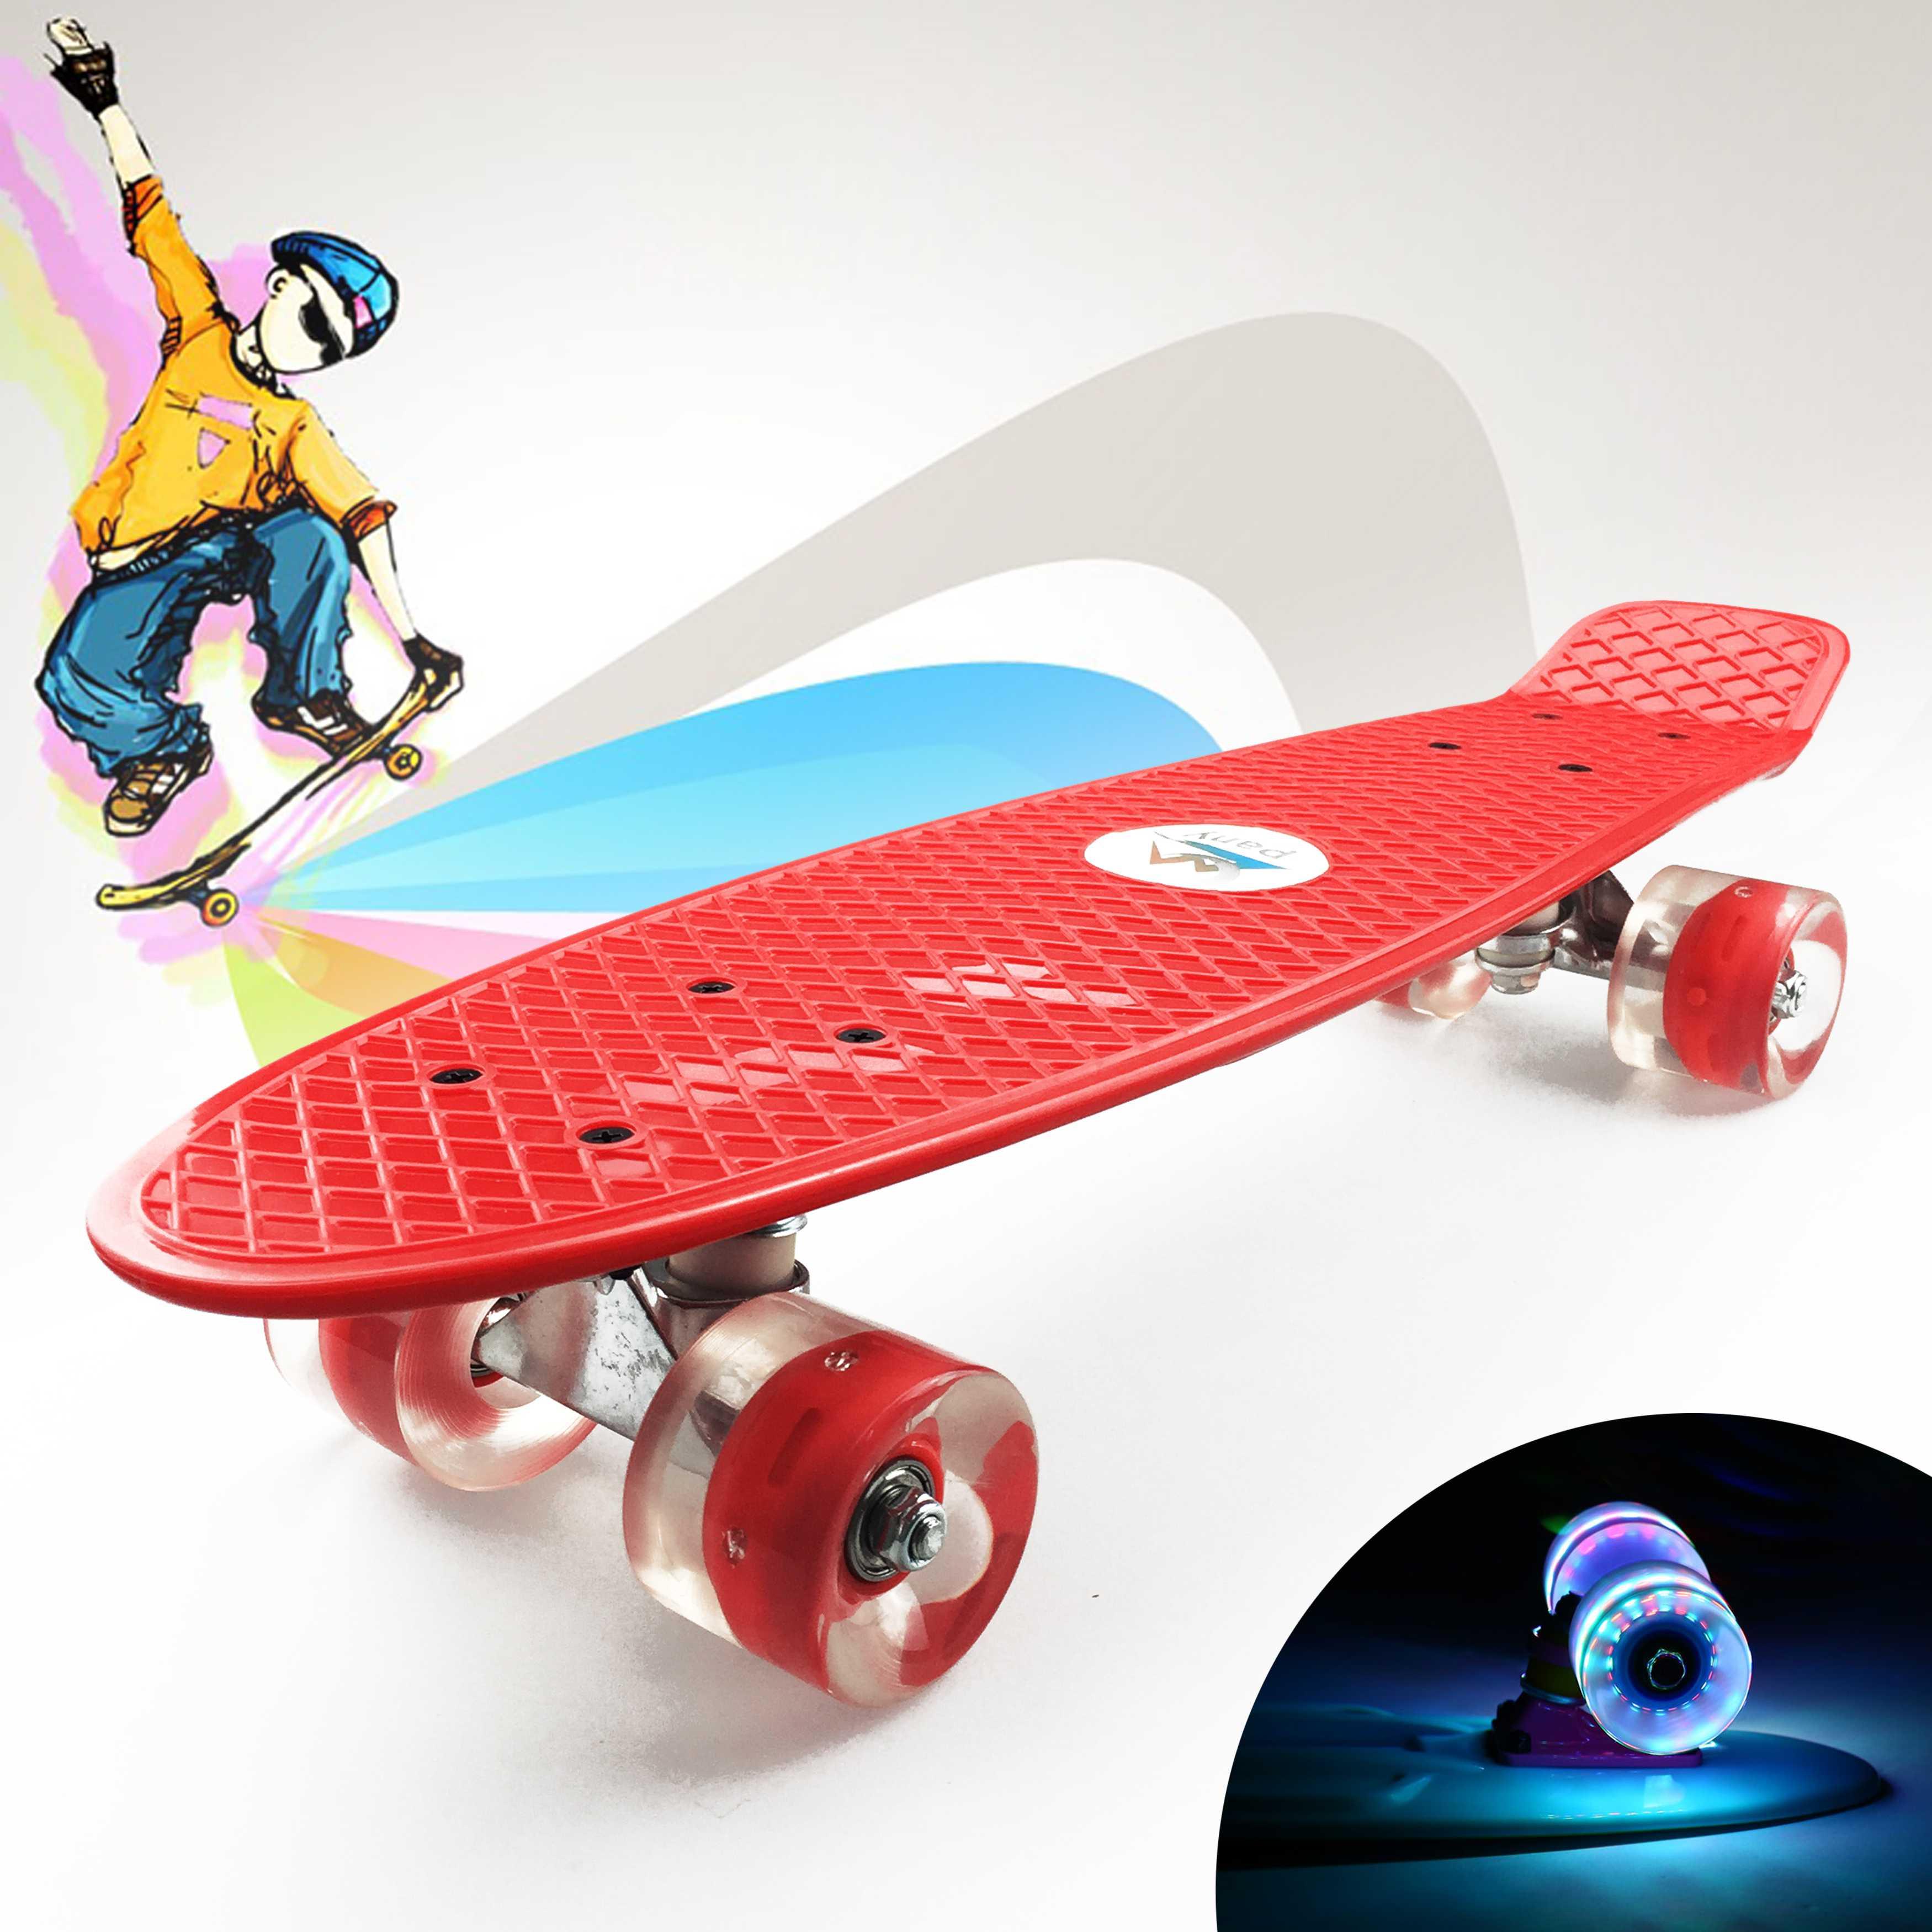 Скейтборд для детей: какой выбрать светящийся скейтборд для начинающего и занятия для того, чтобы научиться кататься на нем девочке